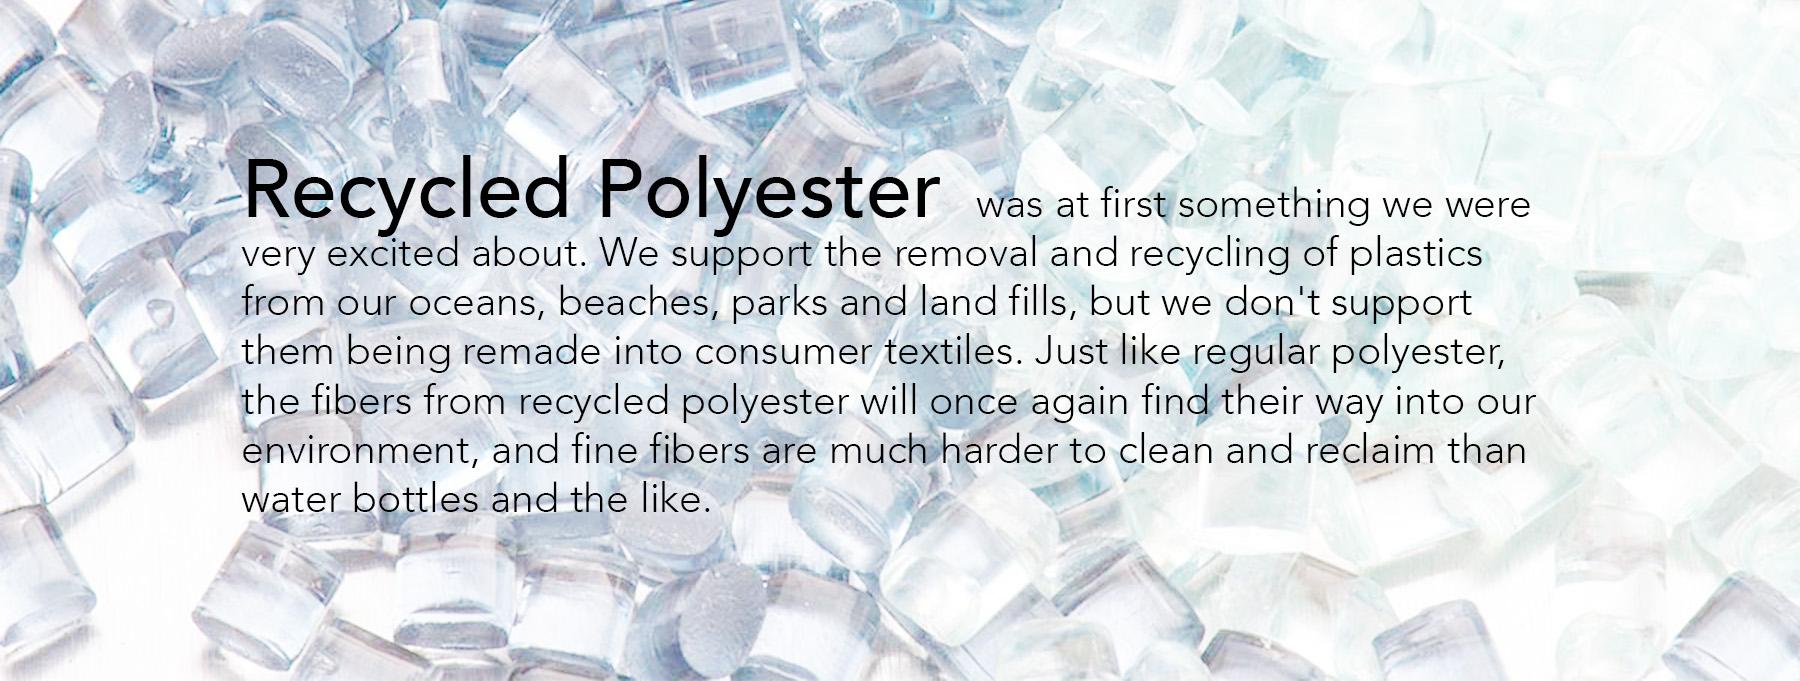 RecycledPoly.jpg